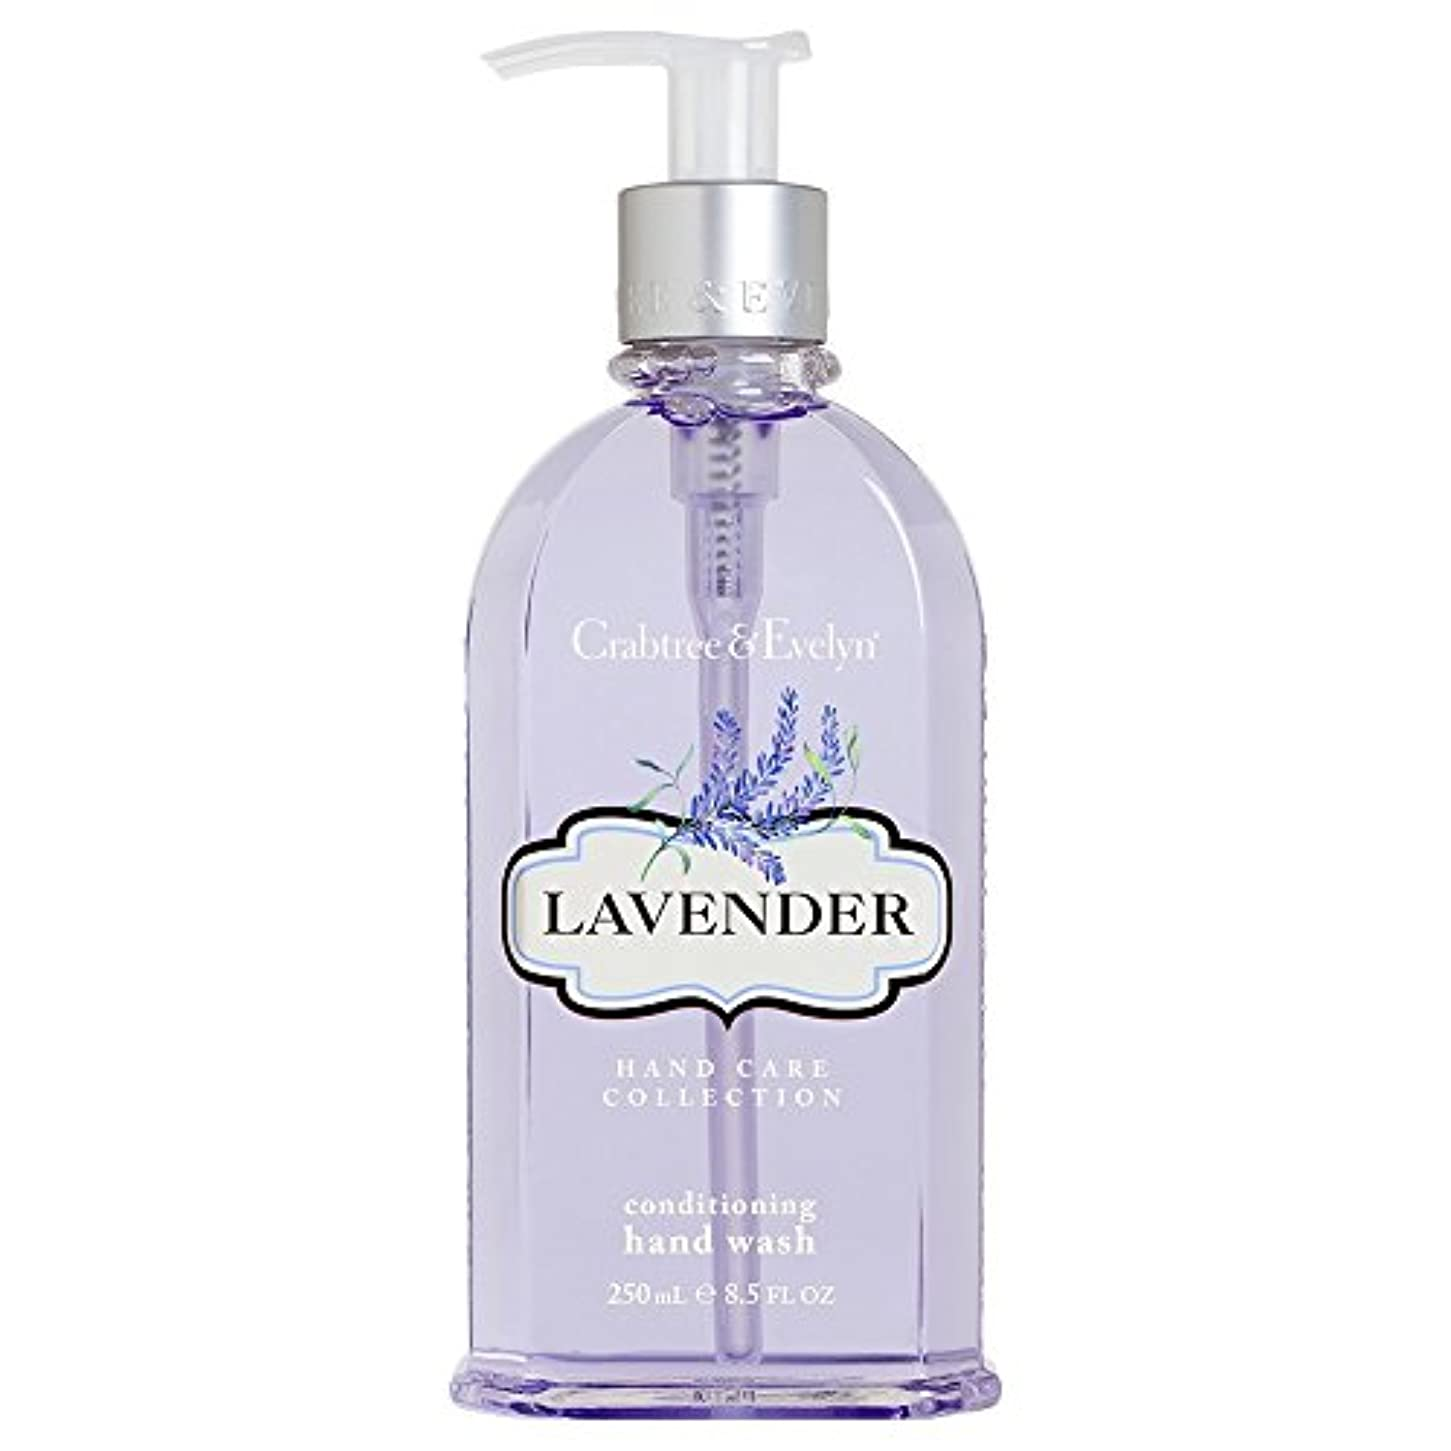 シャワー手数料の中でクラブツリー&イヴリンラベンダーコンディショナーハンドウォッシュ250ミリリットル (Crabtree & Evelyn) - Crabtree & Evelyn Lavender Conditioning Hand Wash...